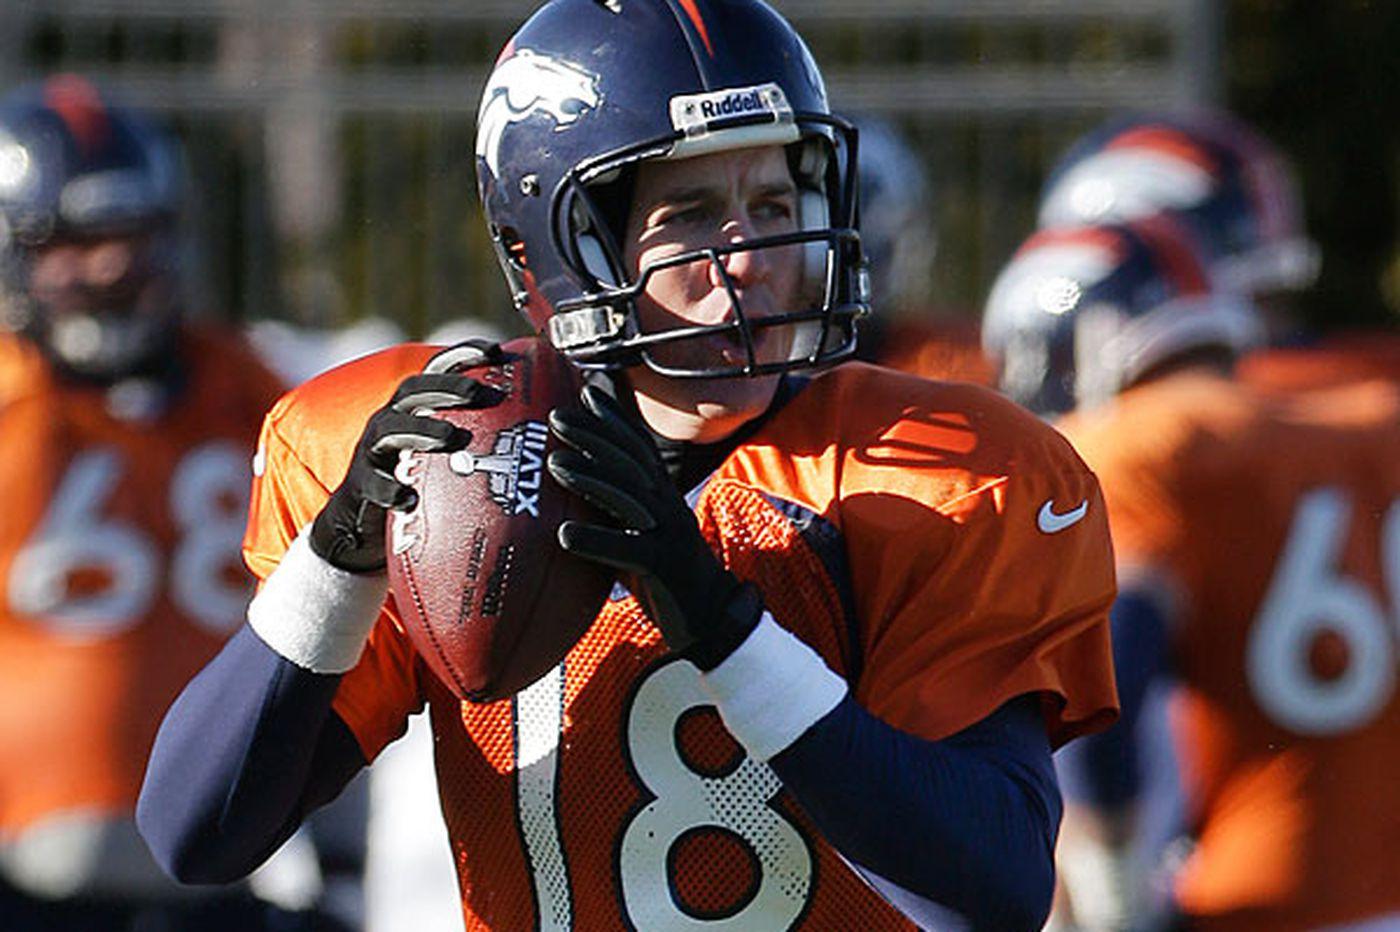 Peyton Manning: The ring thing